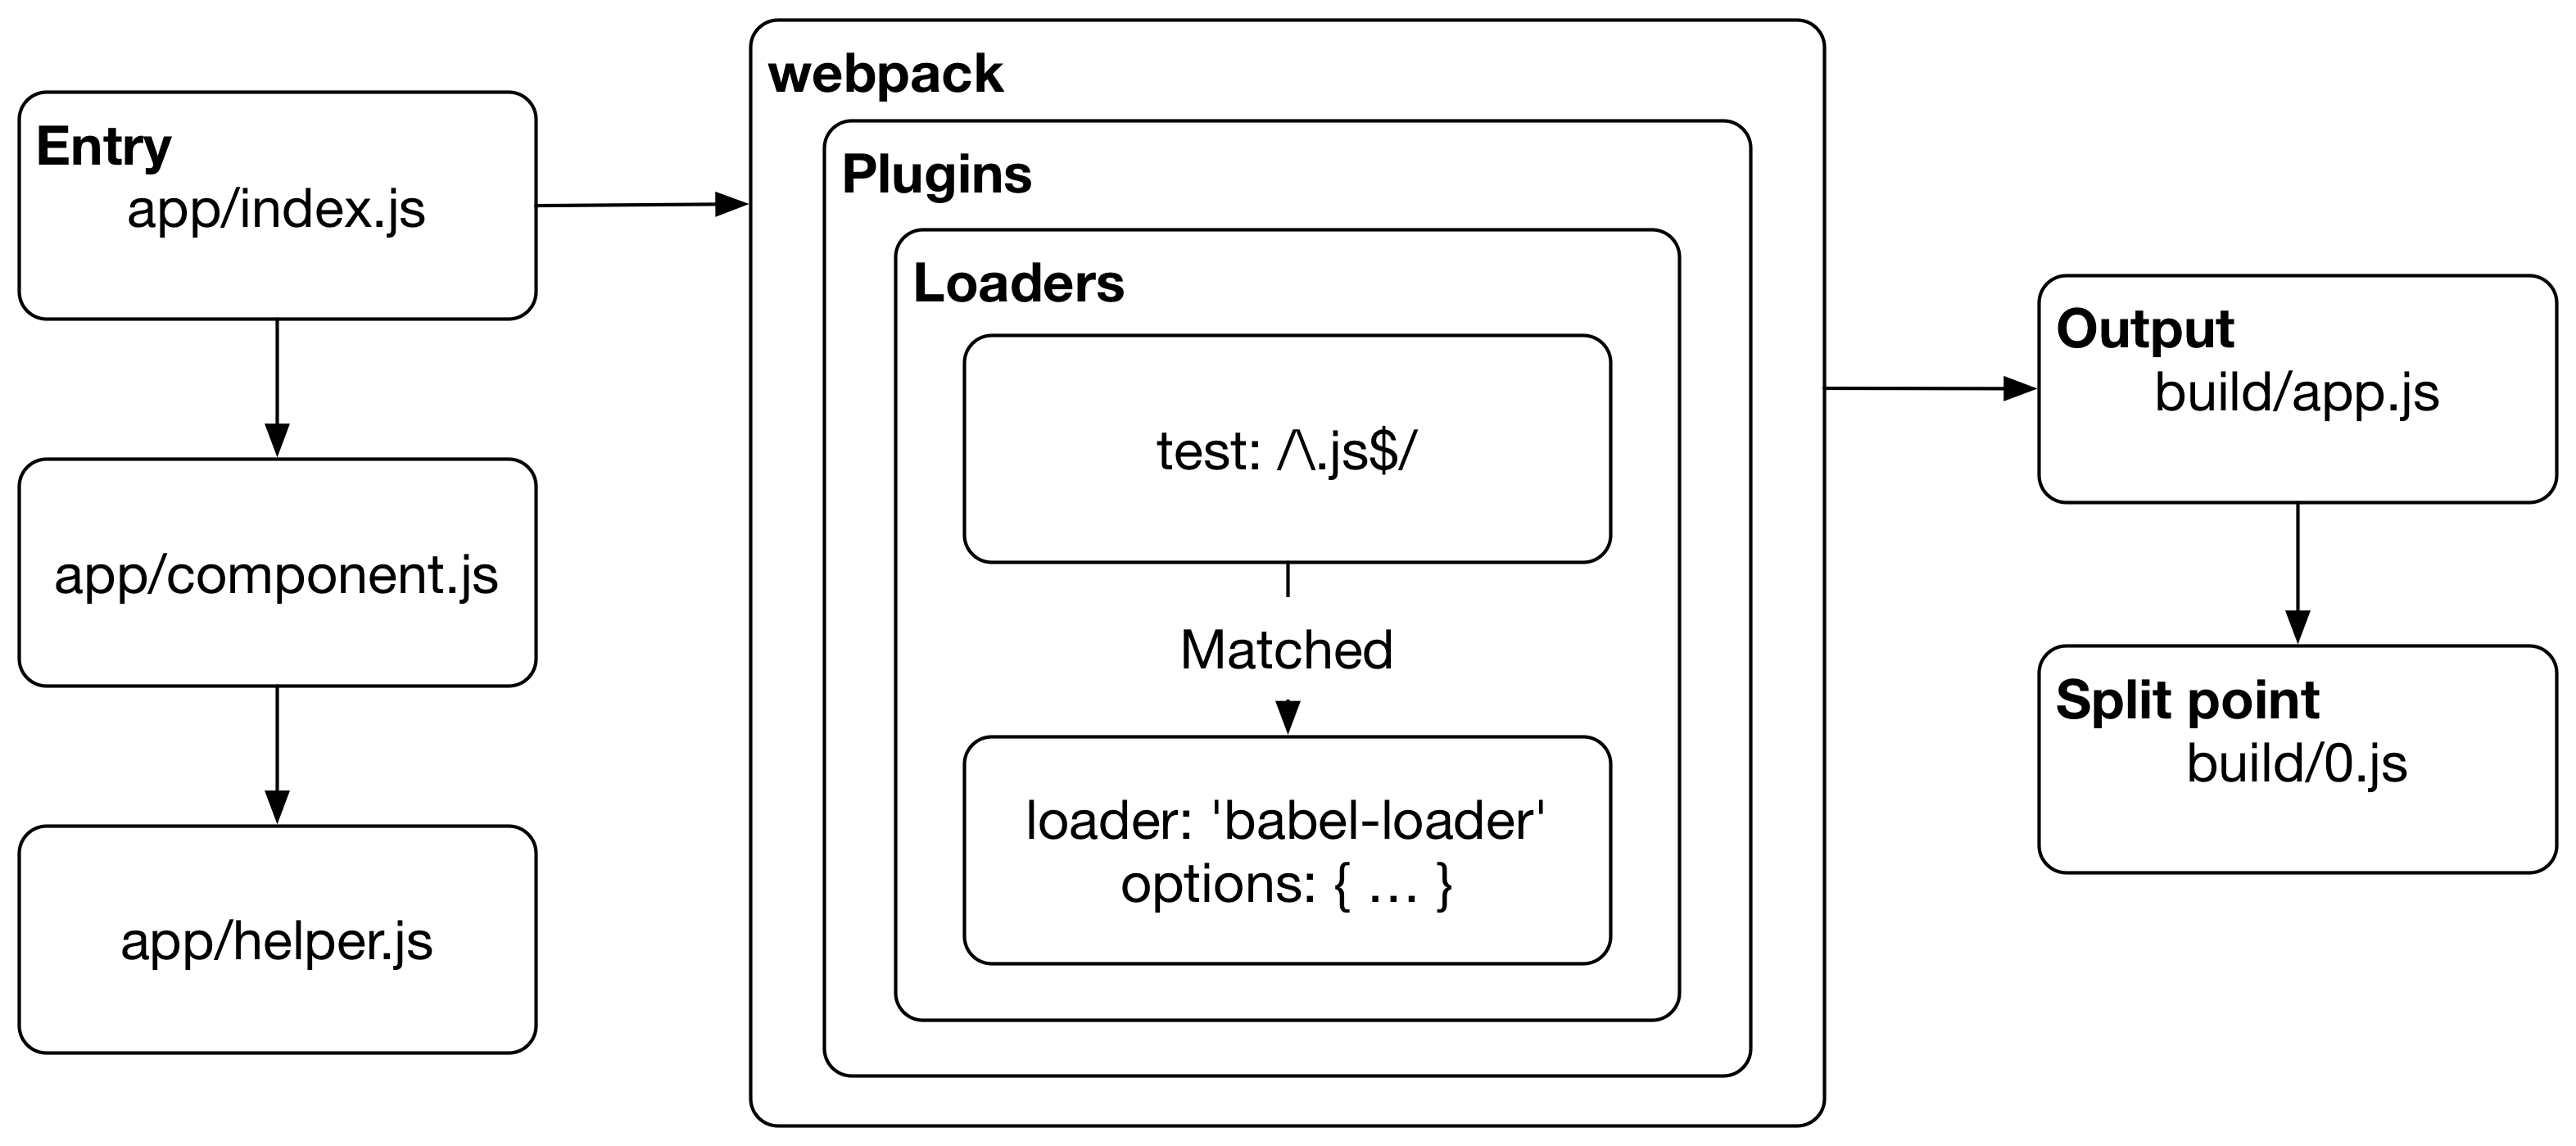 فرایند اجرای وبپک